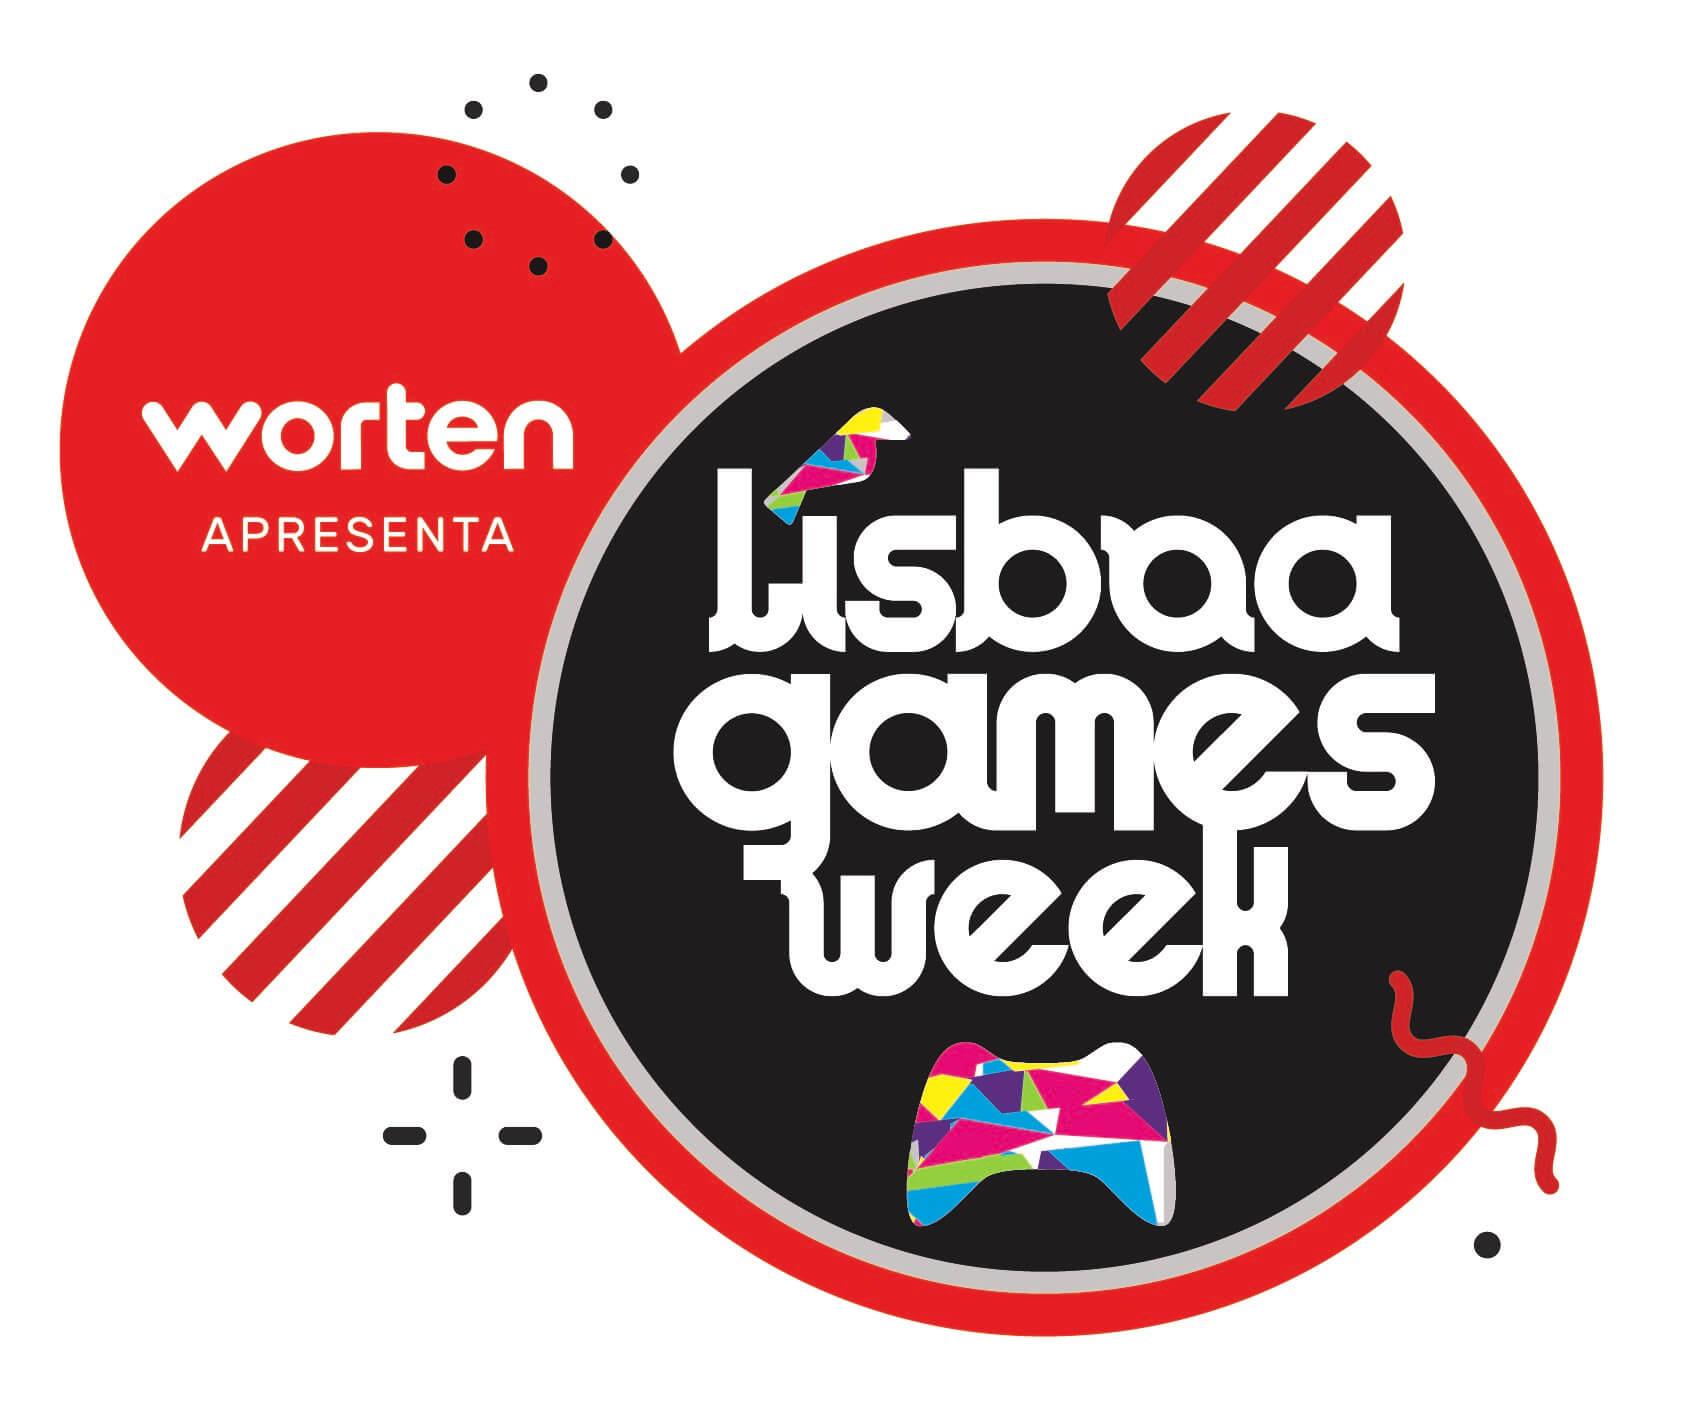 Lisboa Games Week 2017 – Novidades e Mais informações